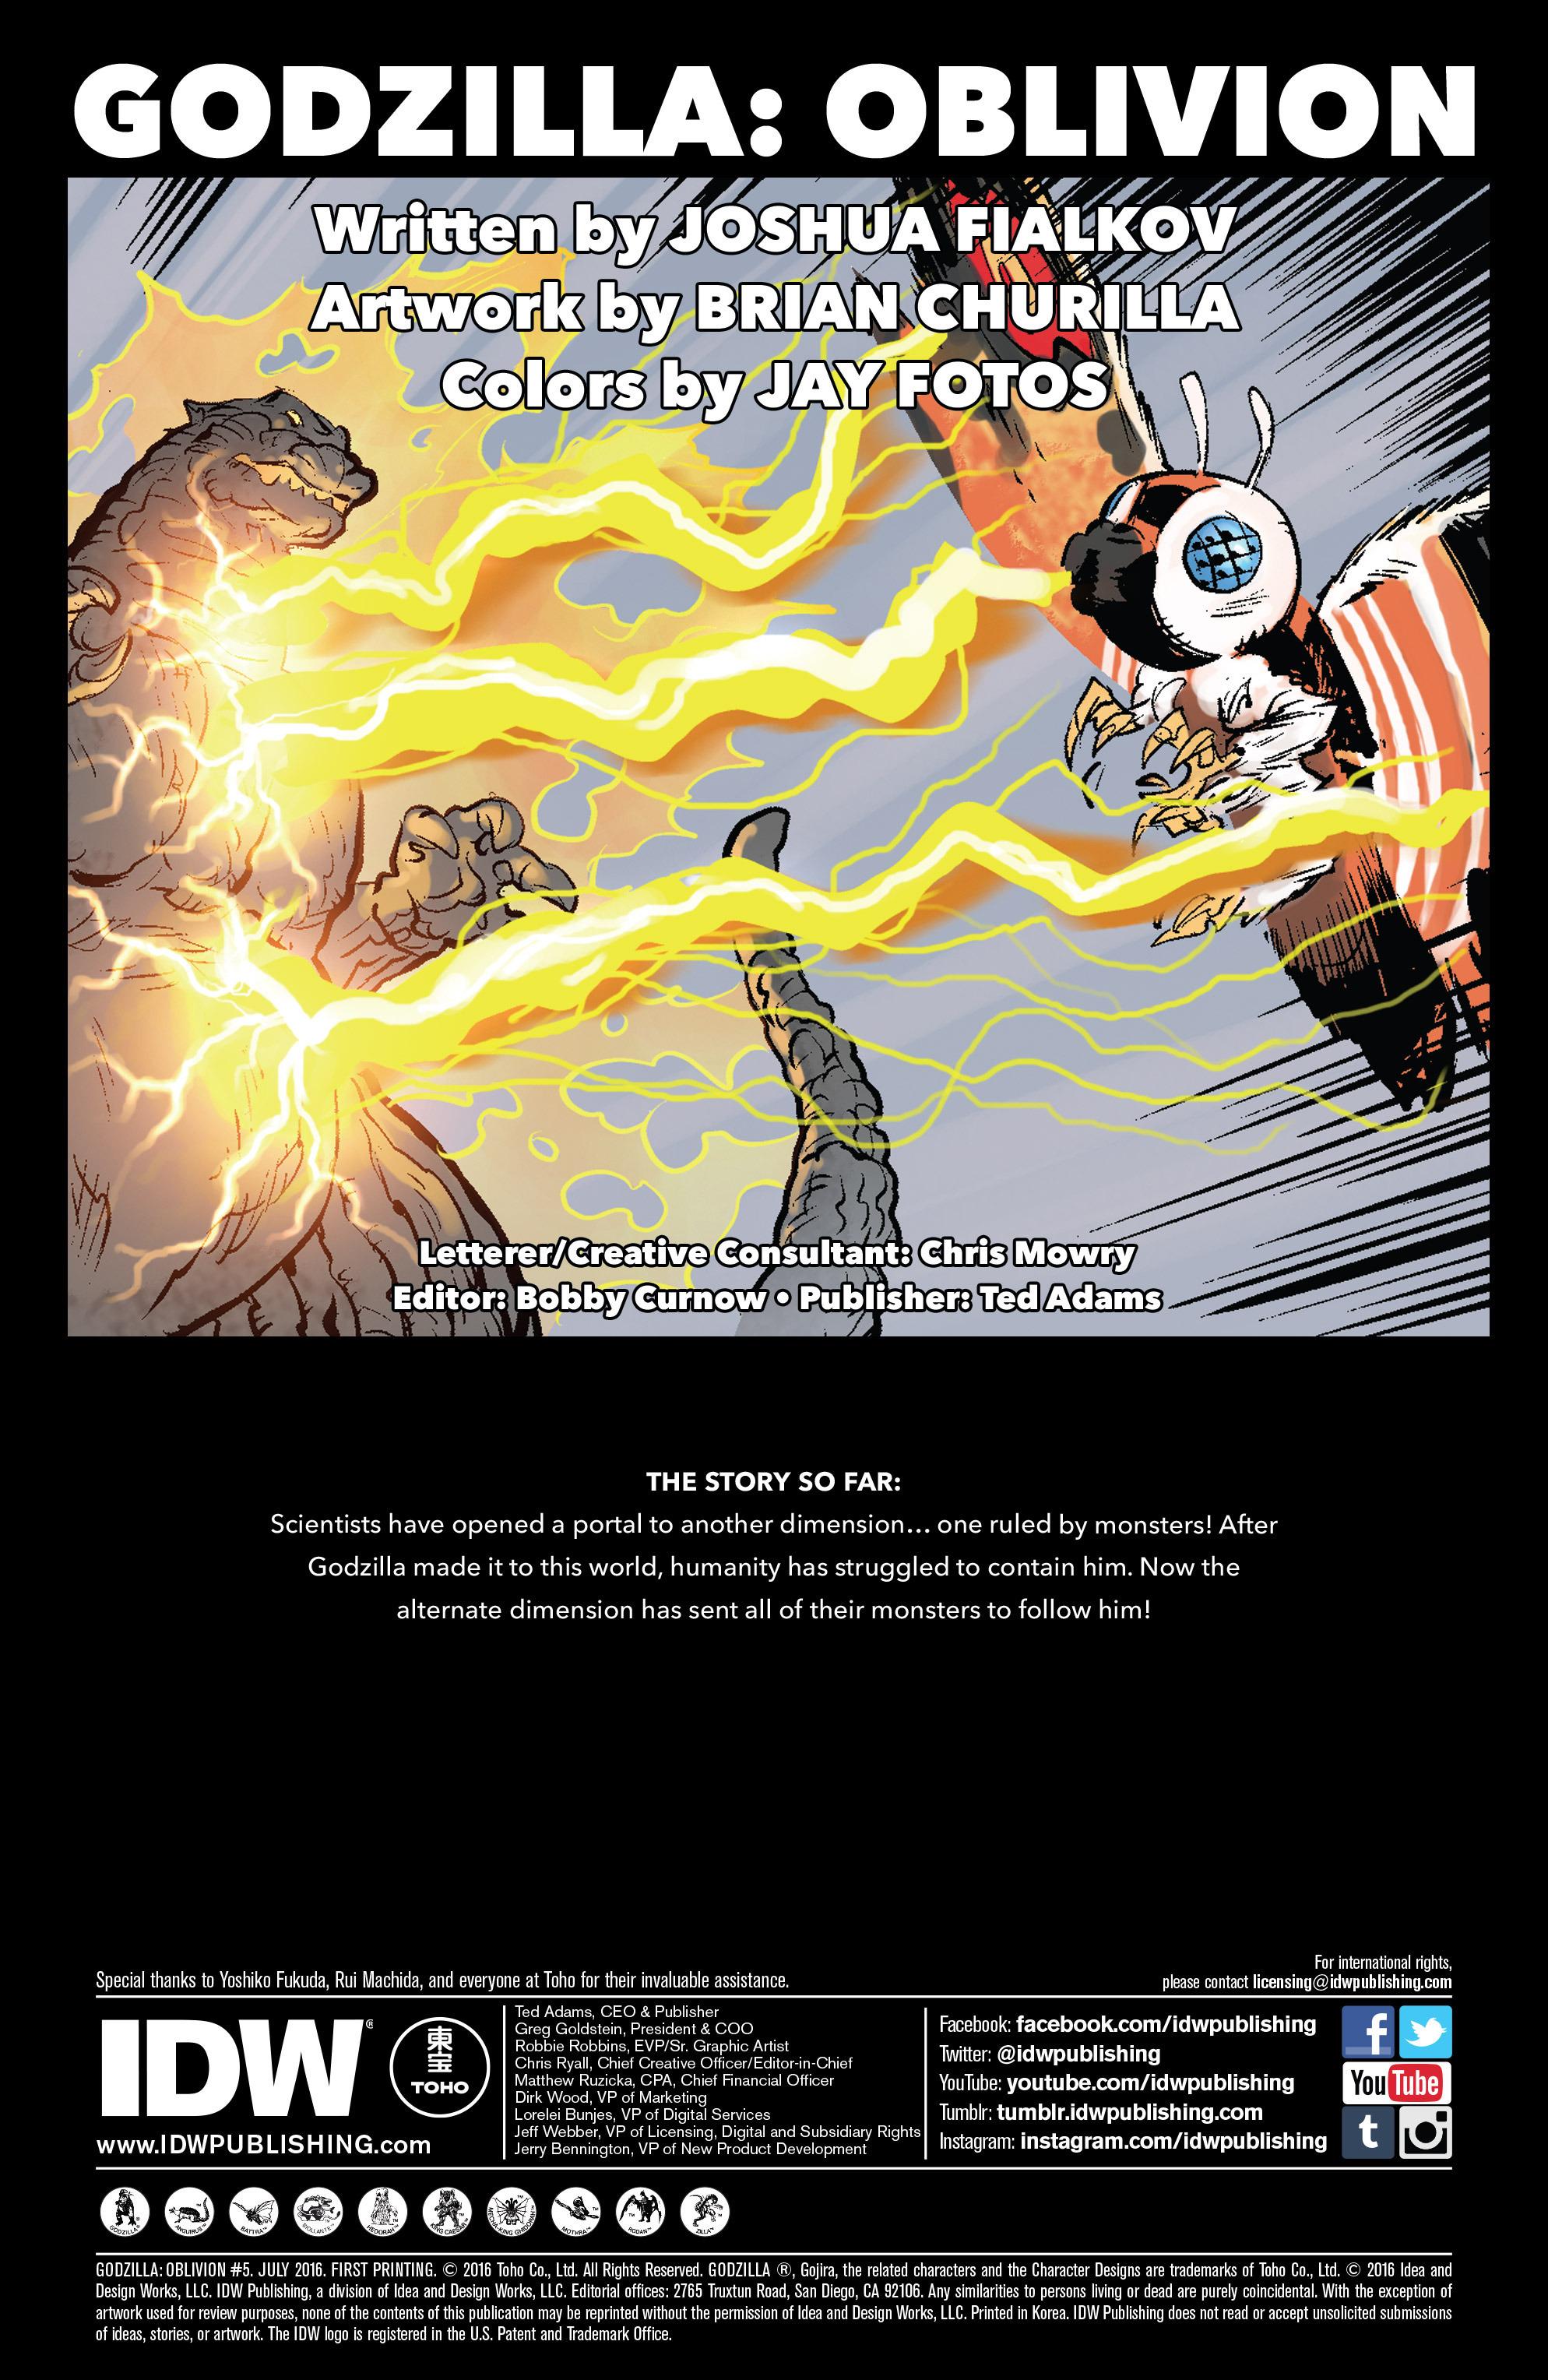 Godzilla Oblivion Issue 5 | Viewcomic reading comics online